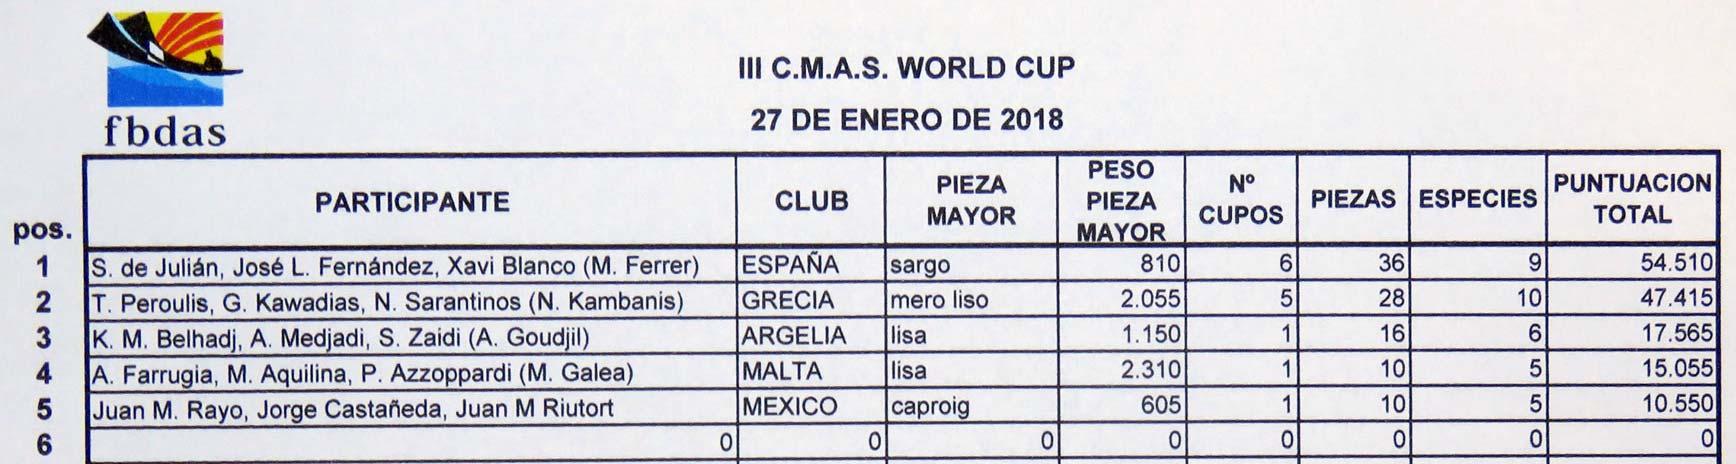 Victoria de España en la III CMAS World Cup